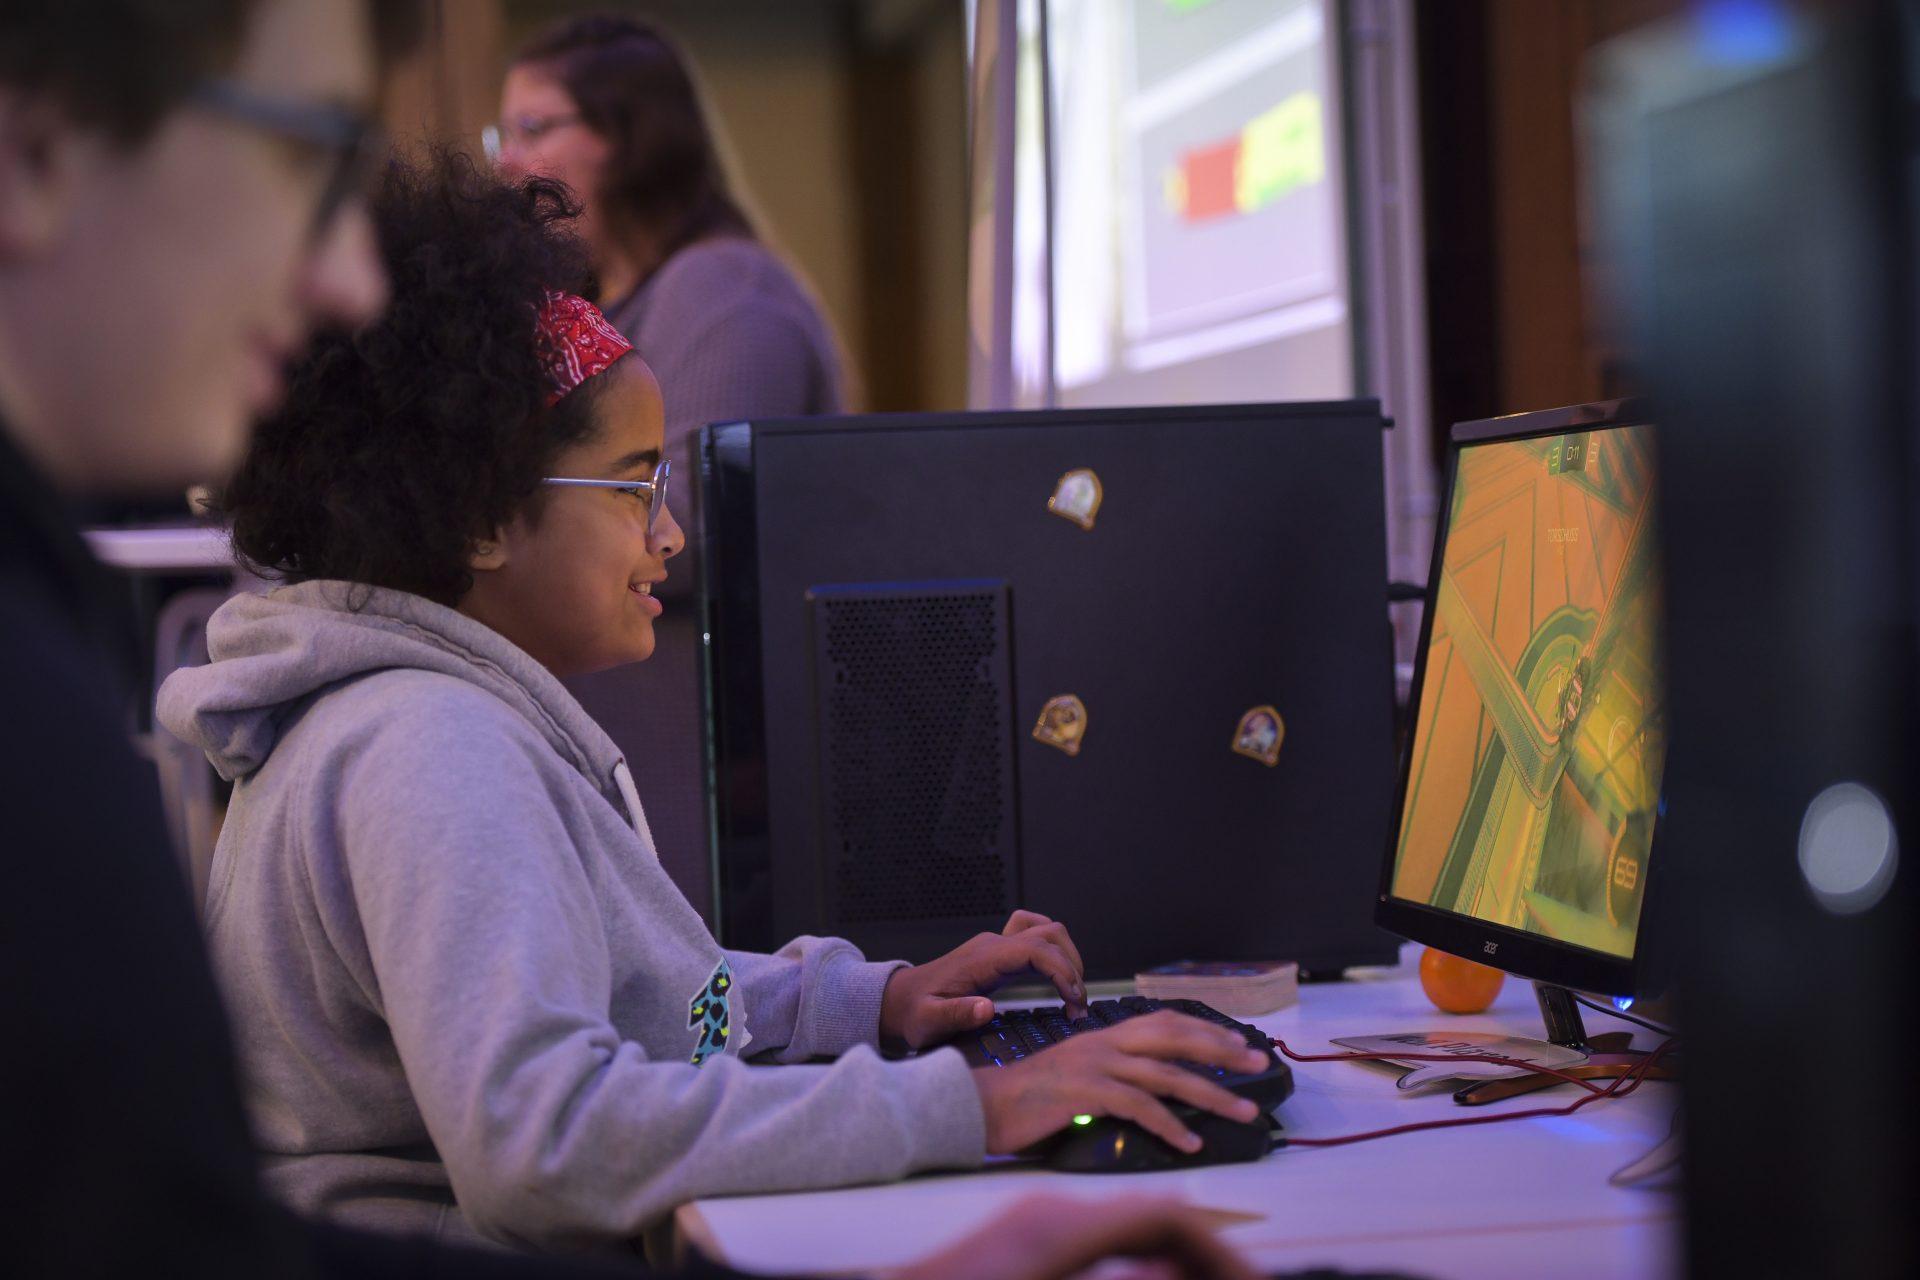 Ein Kind spielt ein PC-Spiel.